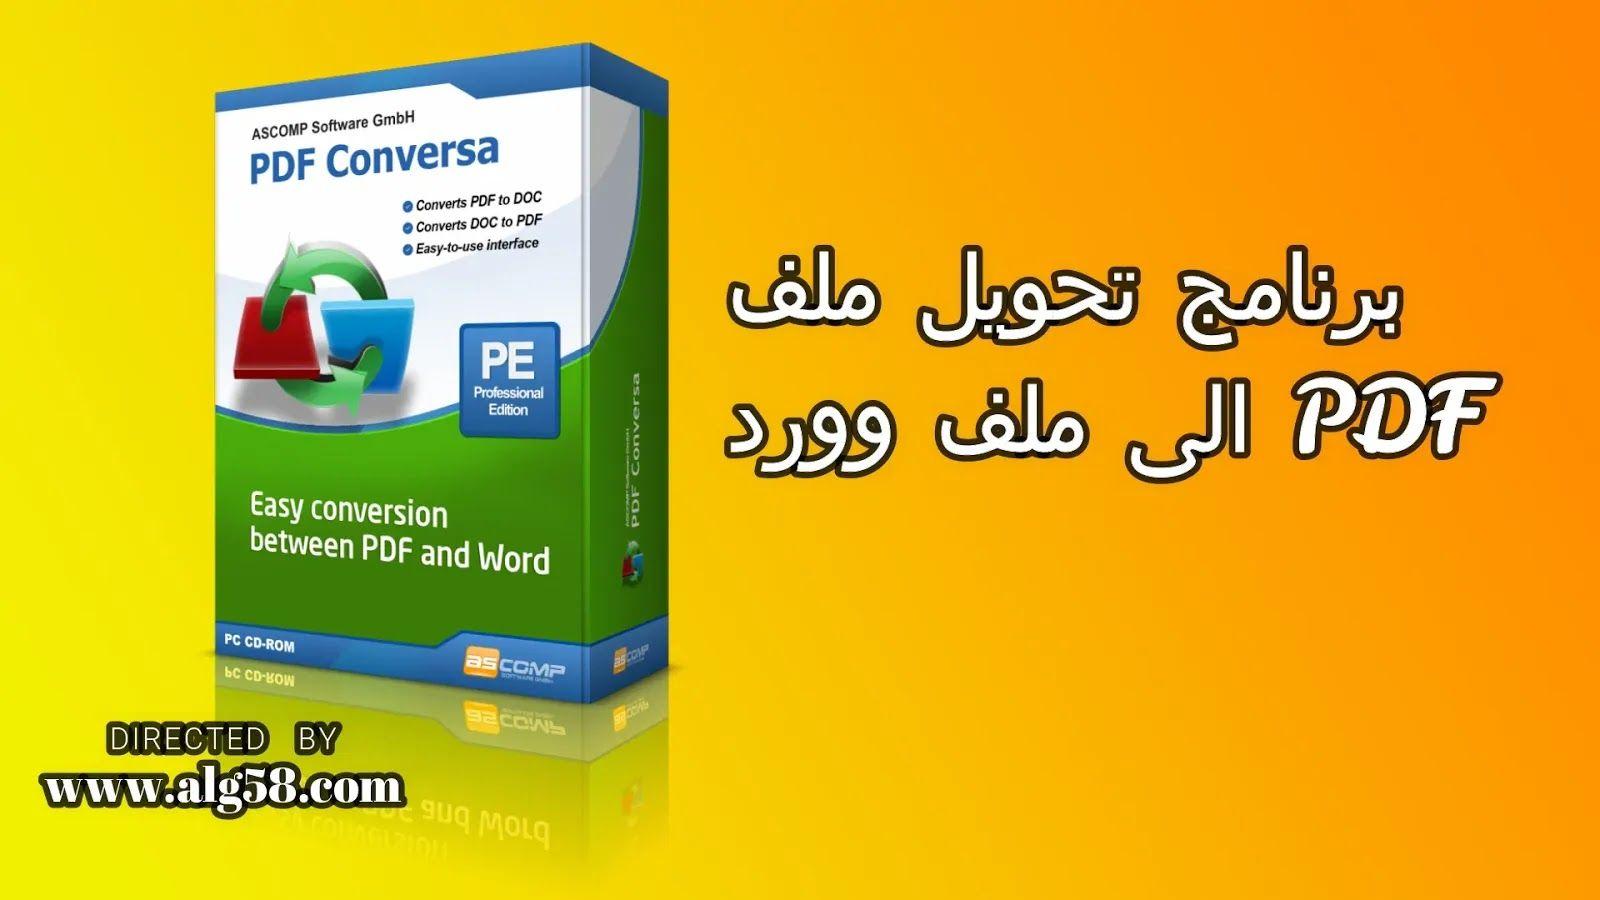 كيفية تحويل ملفات Pdf الى Word والتعديل عليها باللغة العربية Youtube Words